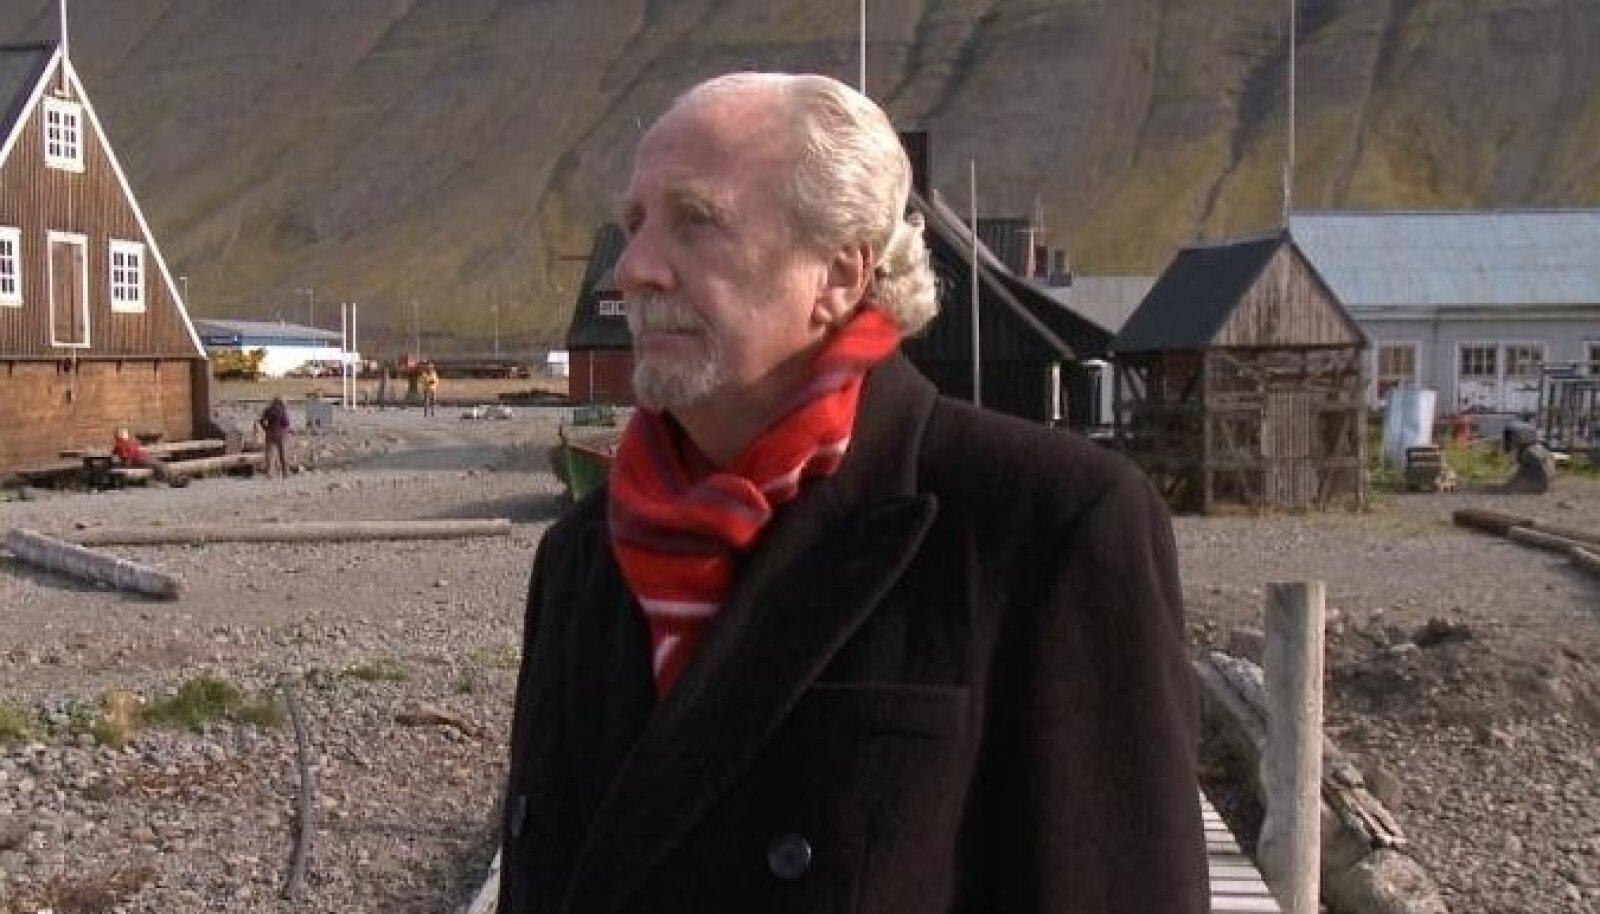 """Islandi endine välisminister Jón Baldvin Hannibalsson filmis """"Need, kes julgevad""""."""